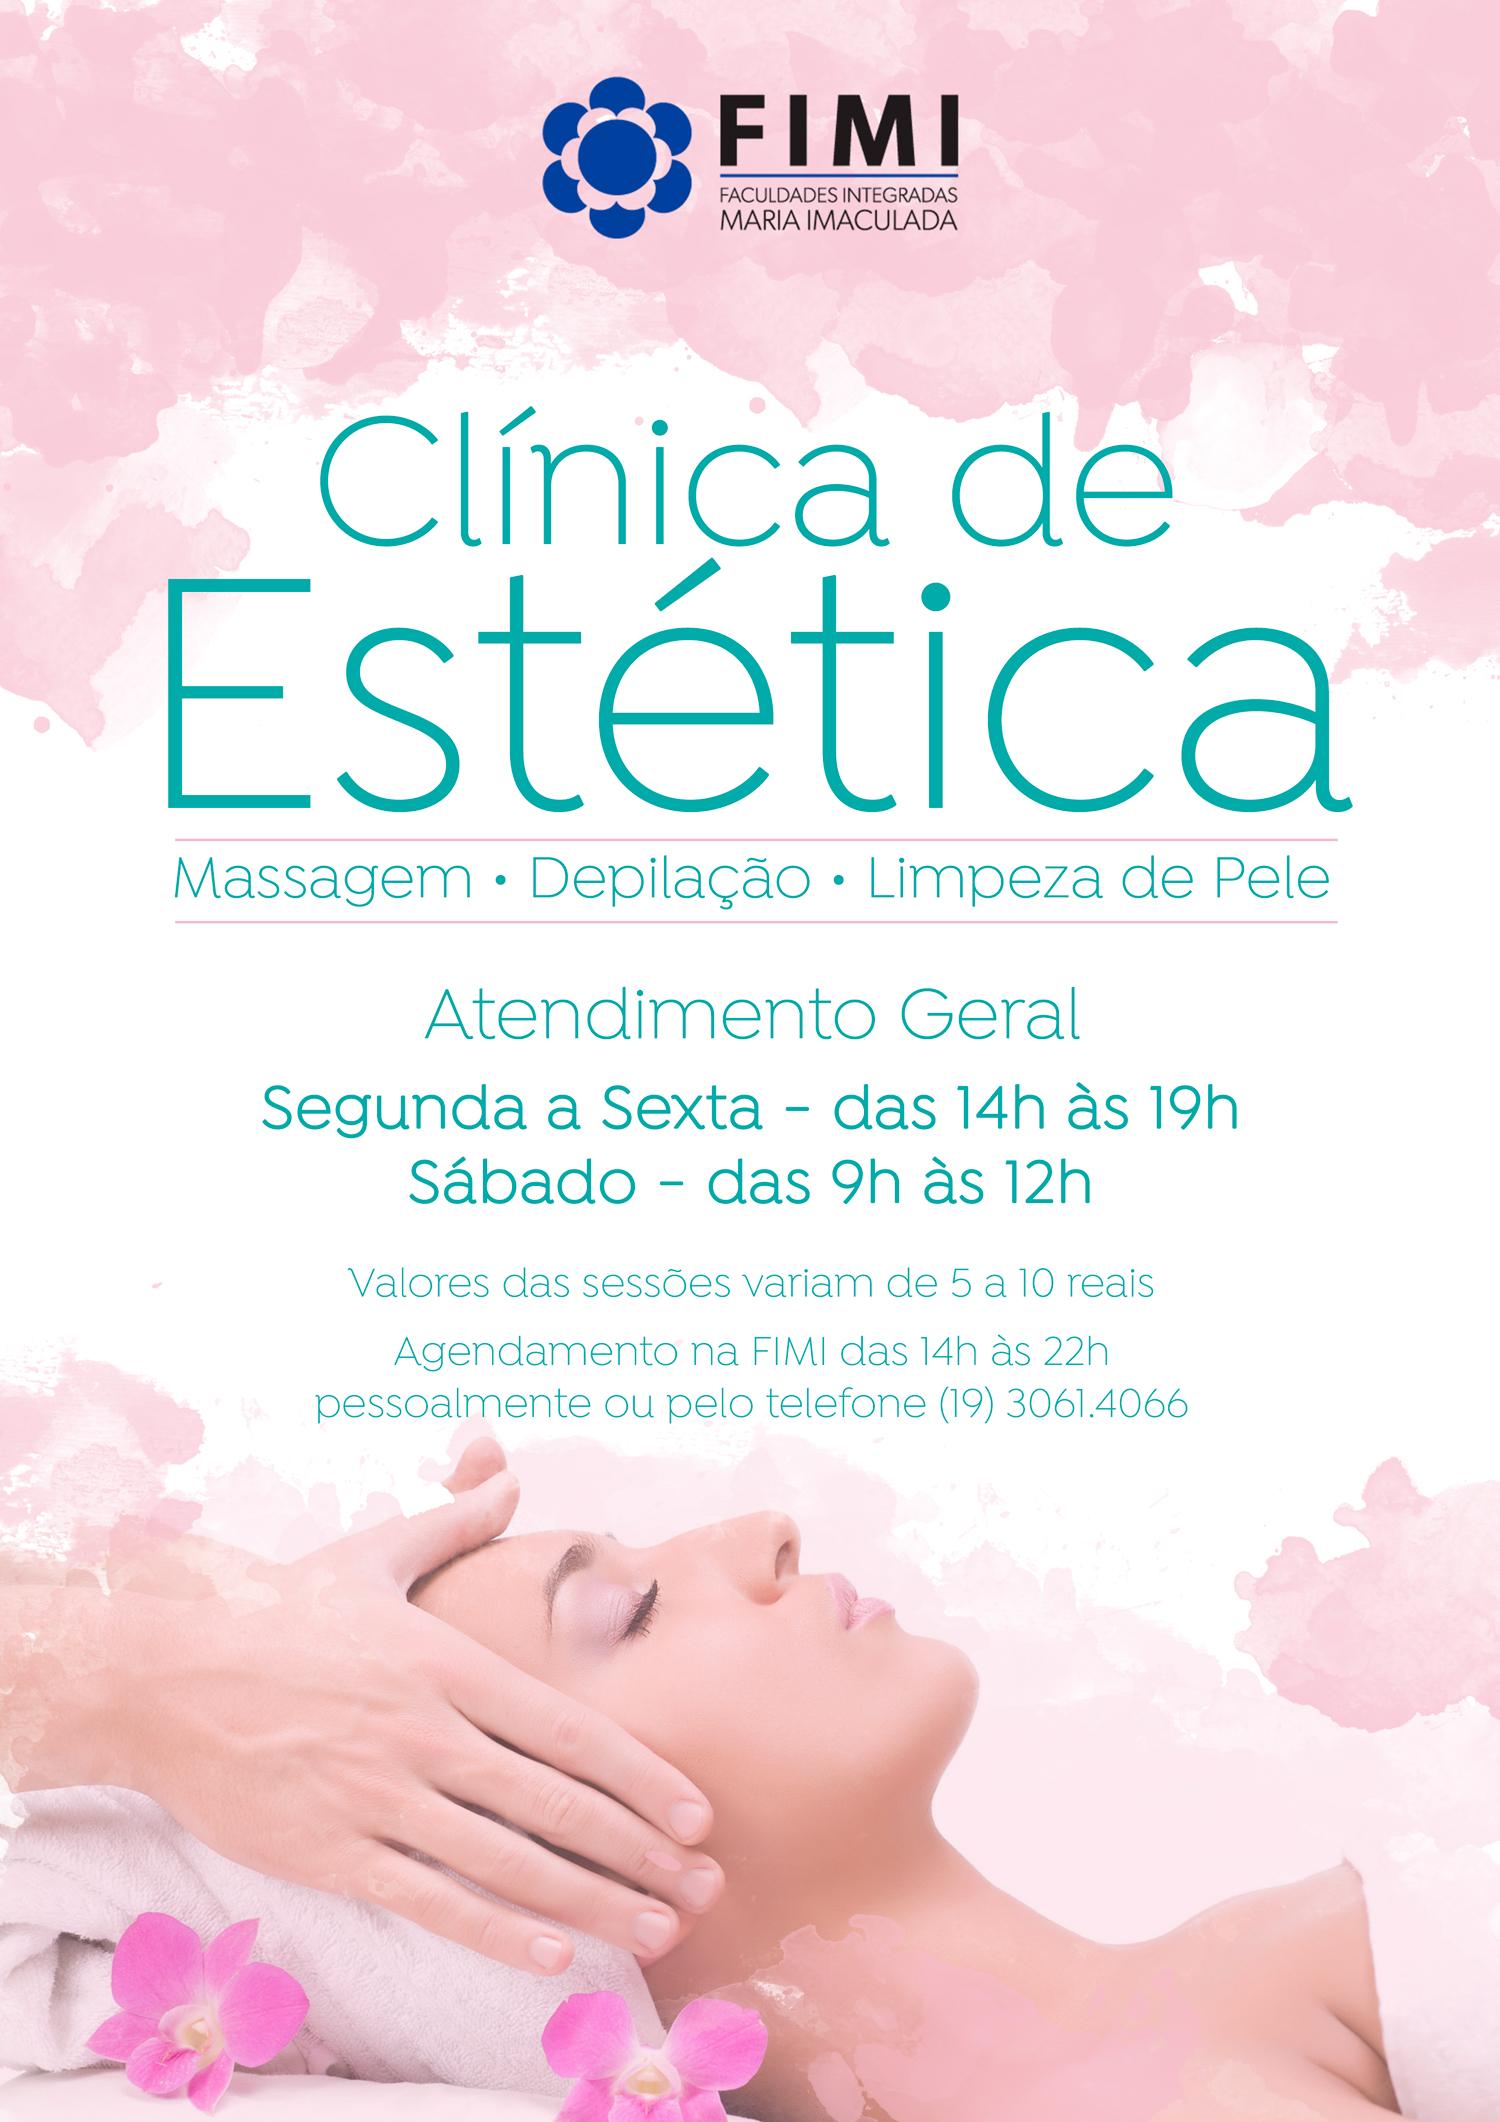 clinica_estetica_fimi2_baixa